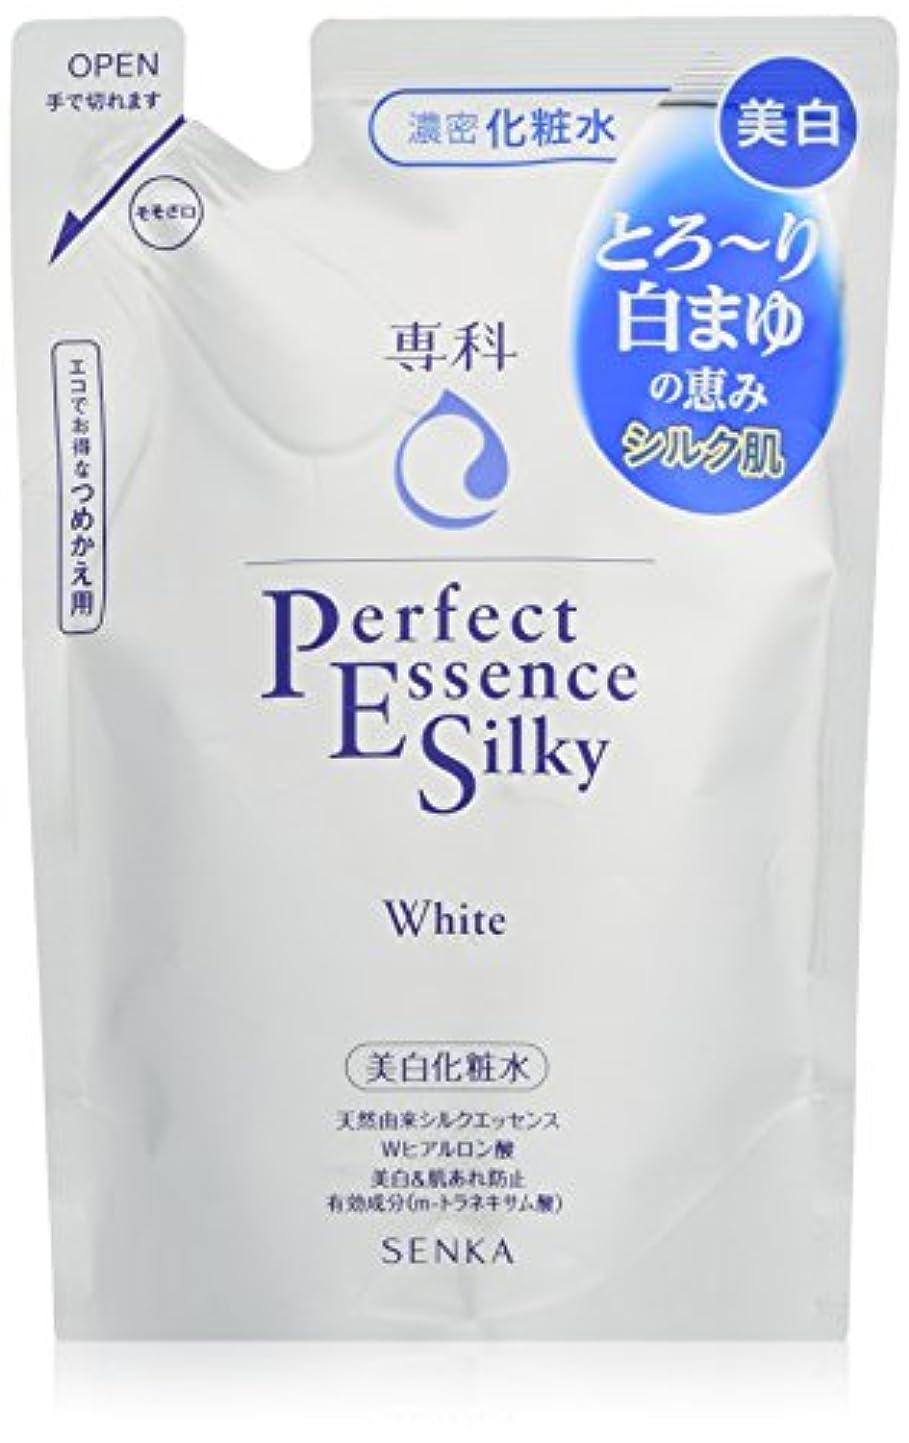 辛い最少どれか専科 パーフェクトエッセンス シルキーホワイト 詰め替え用 美白化粧水 180ml (医薬部外品)